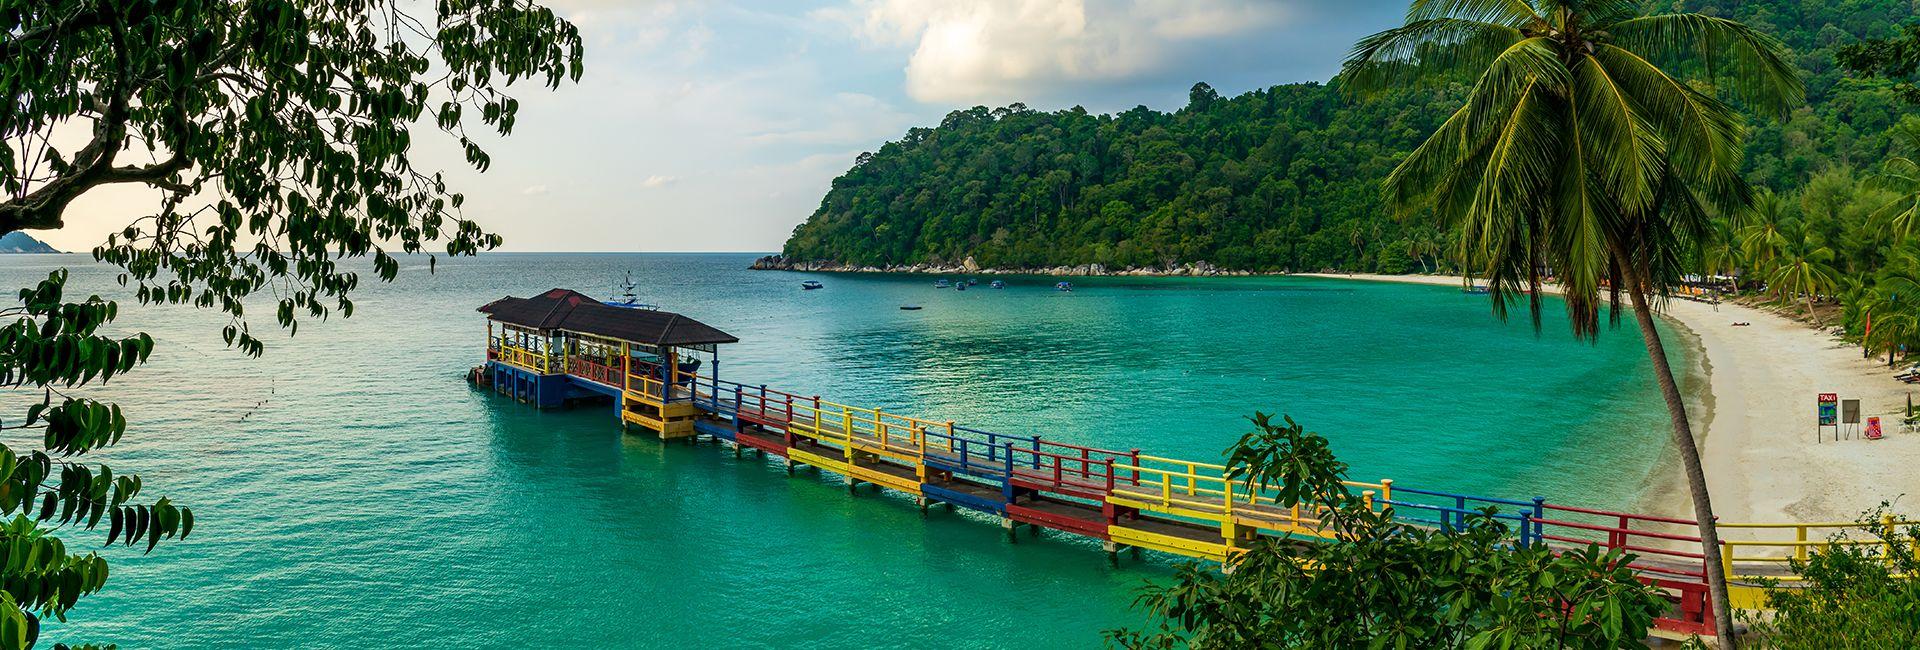 Top 9 bãi biển đẹp nhất ở Malaysia bạn không nên bỏ lỡ